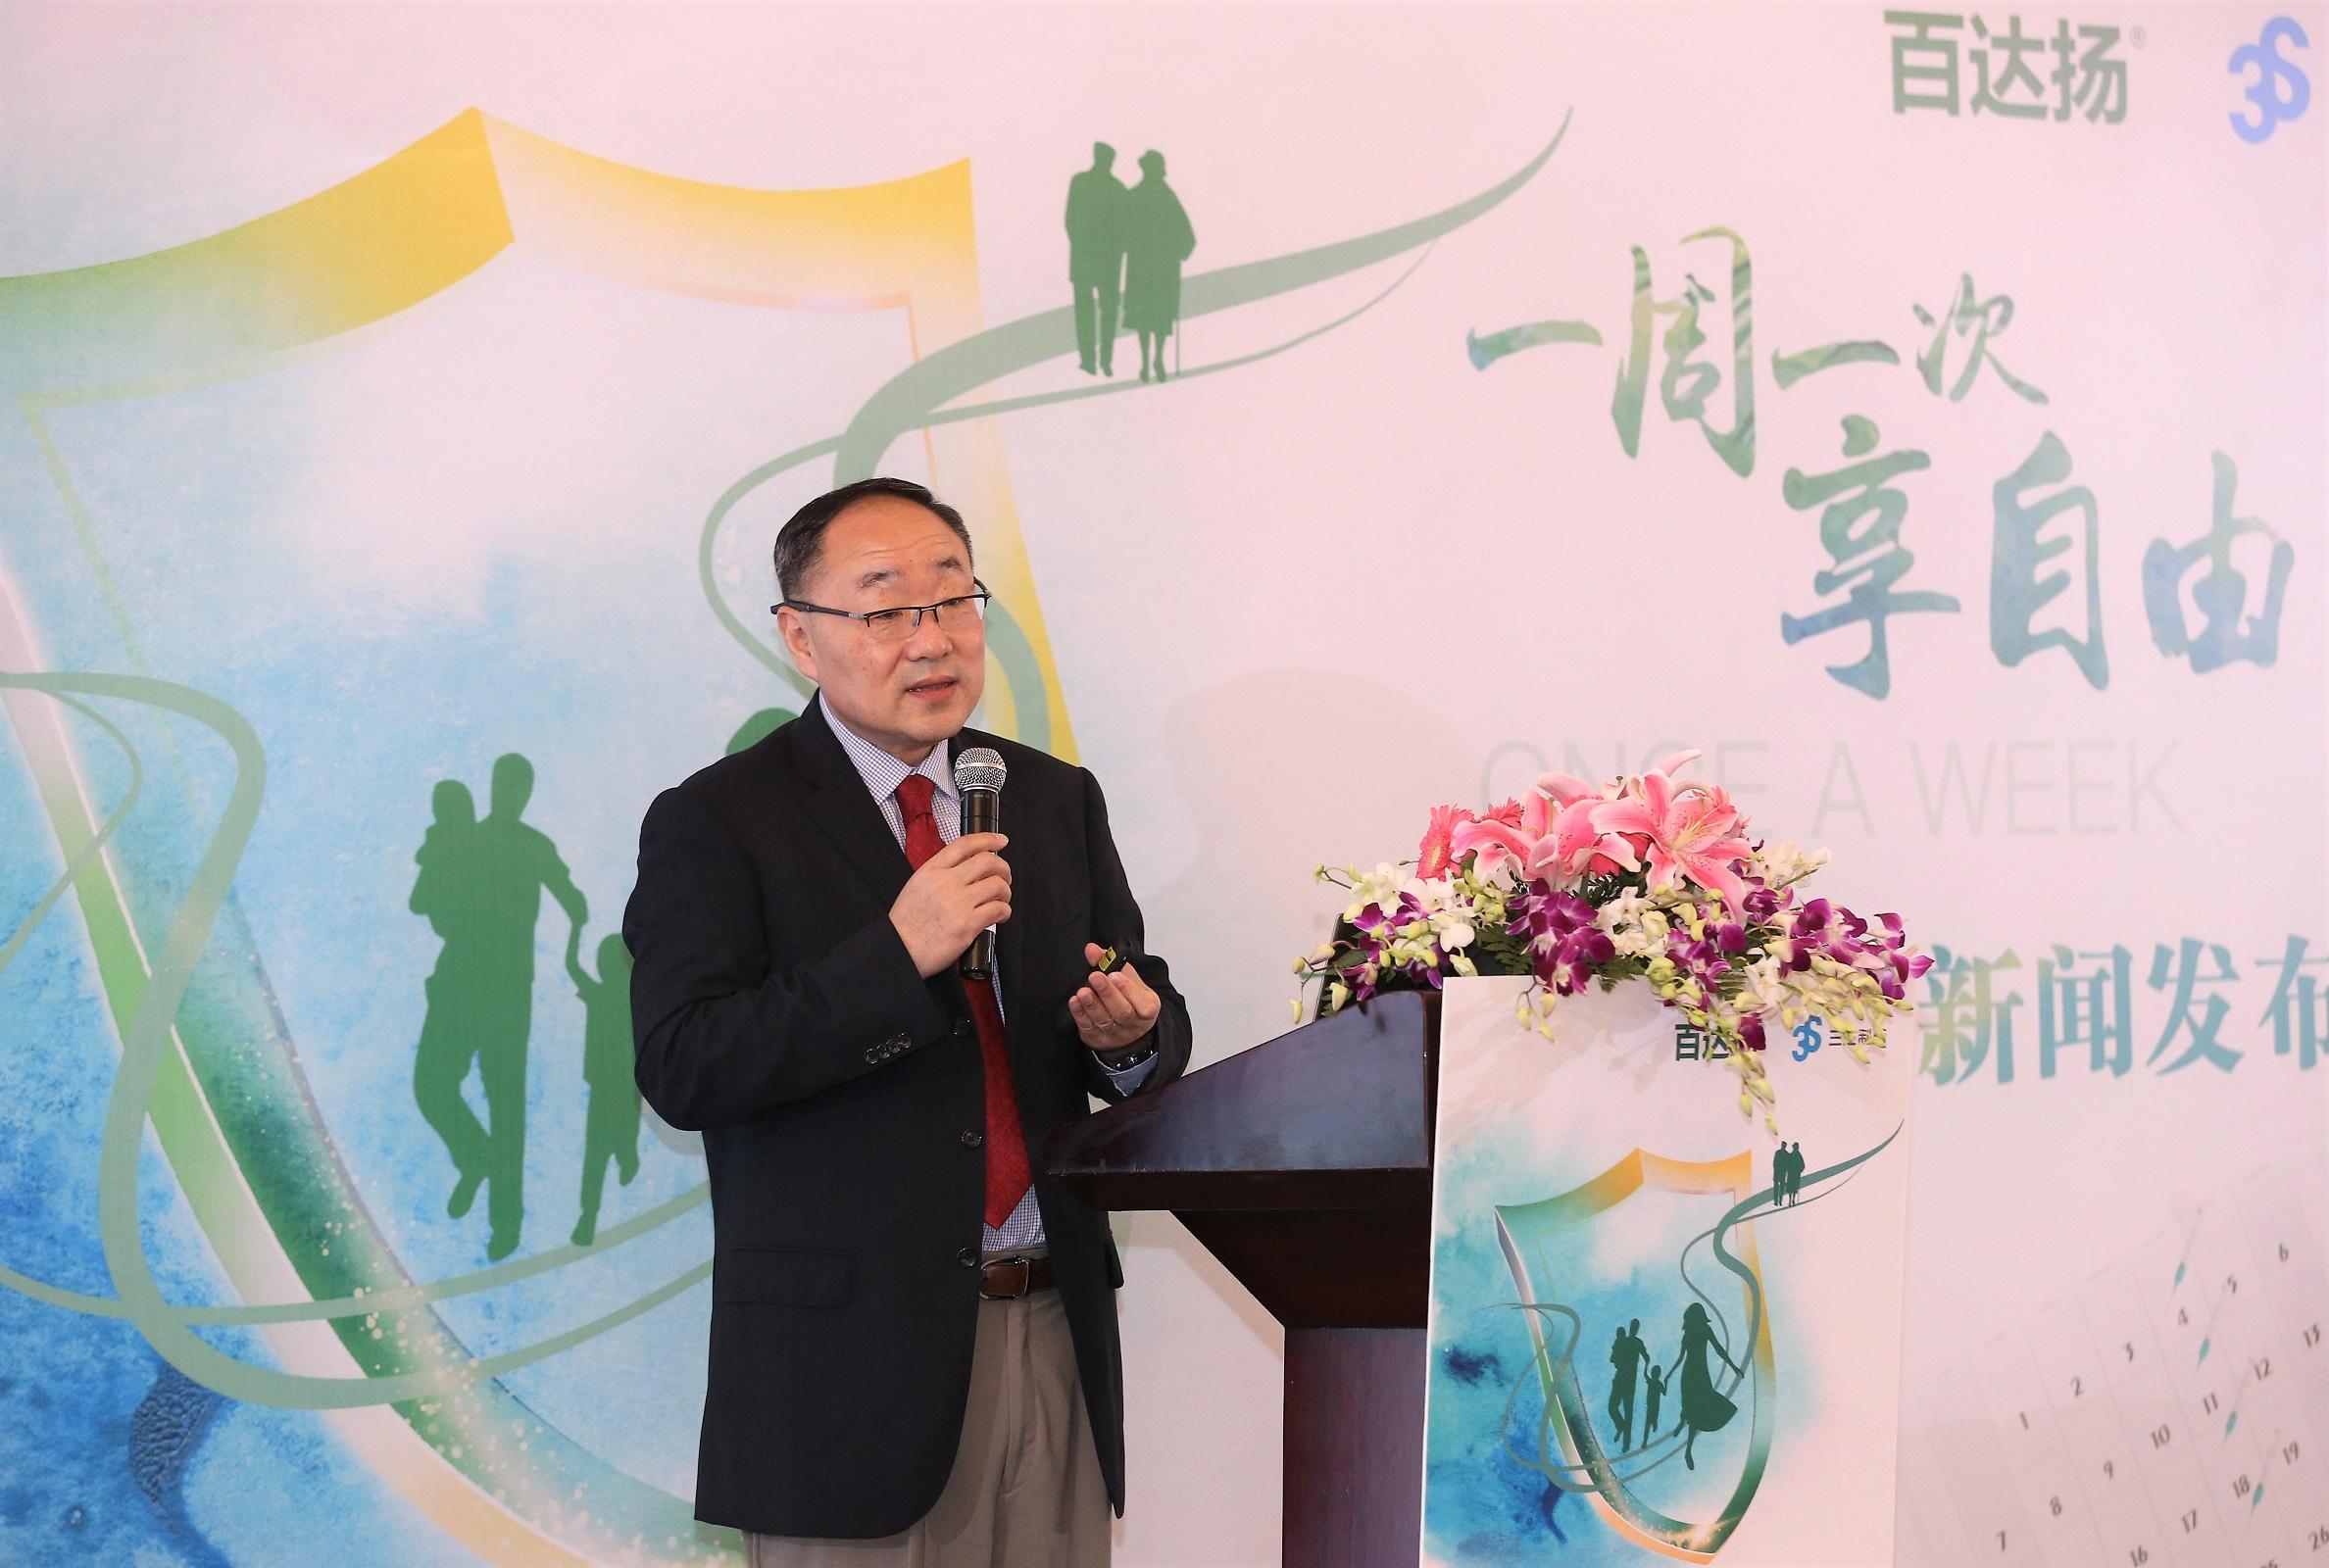 中国首个一周一次降糖药上市,患者一年可少打313针